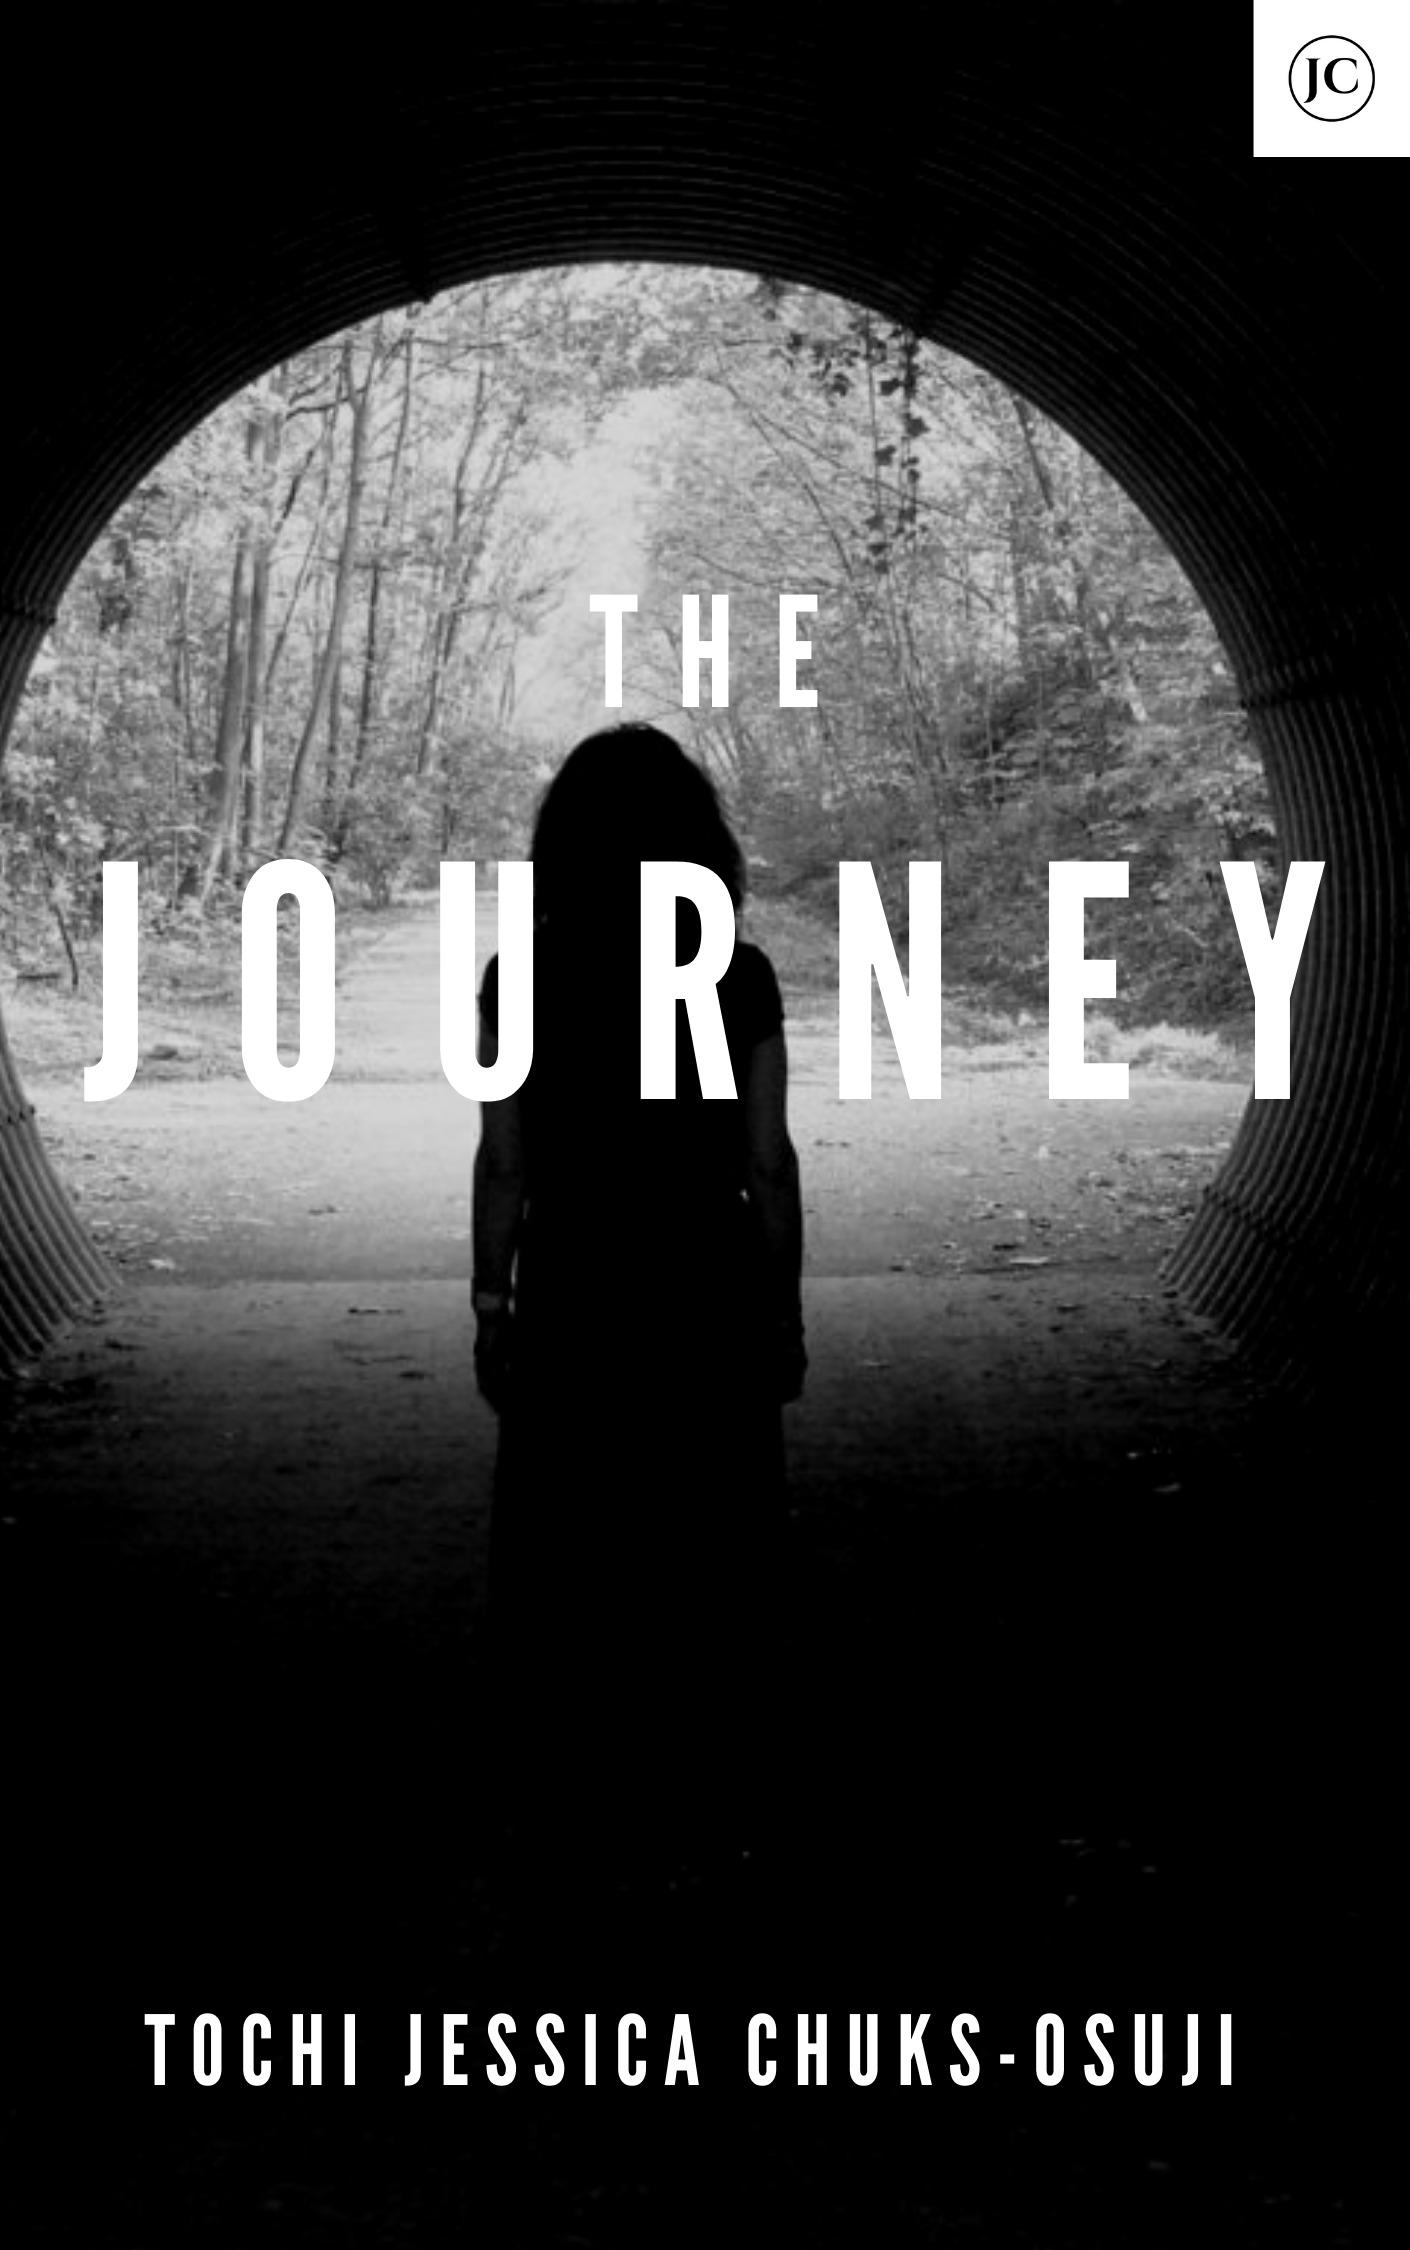 The Journey #CampusChallenge